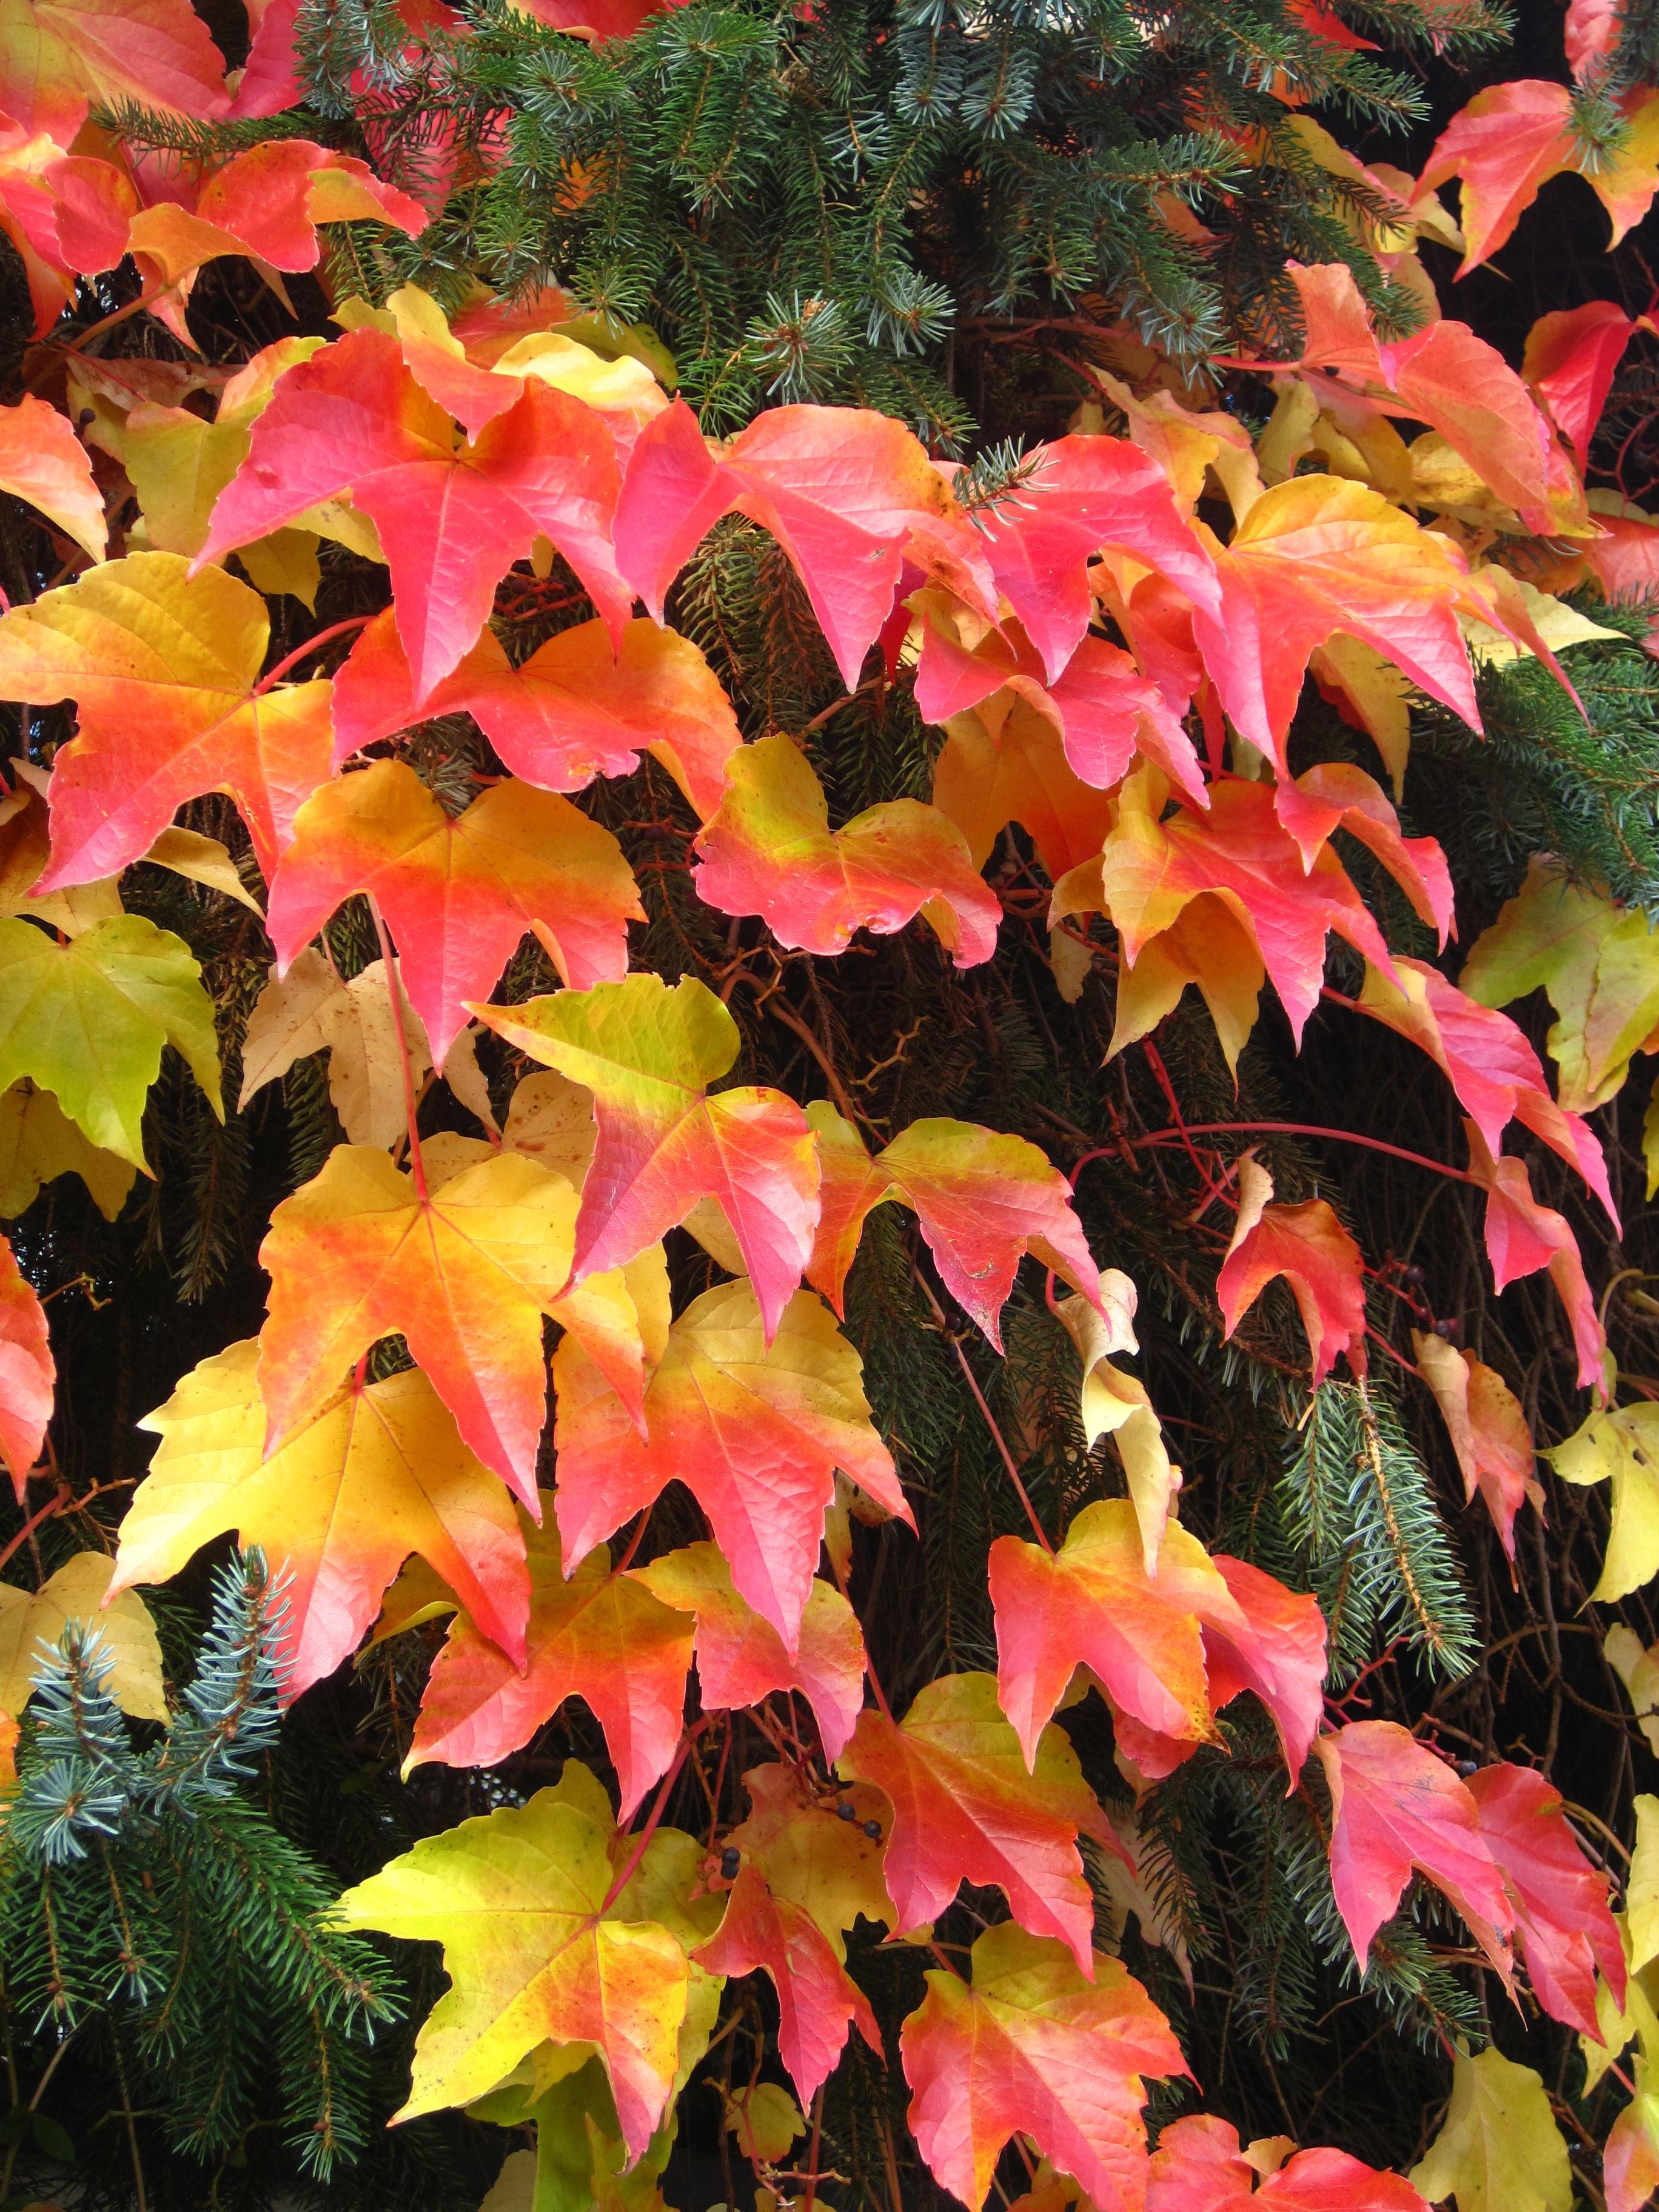 Free Images : tree, nature, leaf, flower, petal, red, botany, flora ...